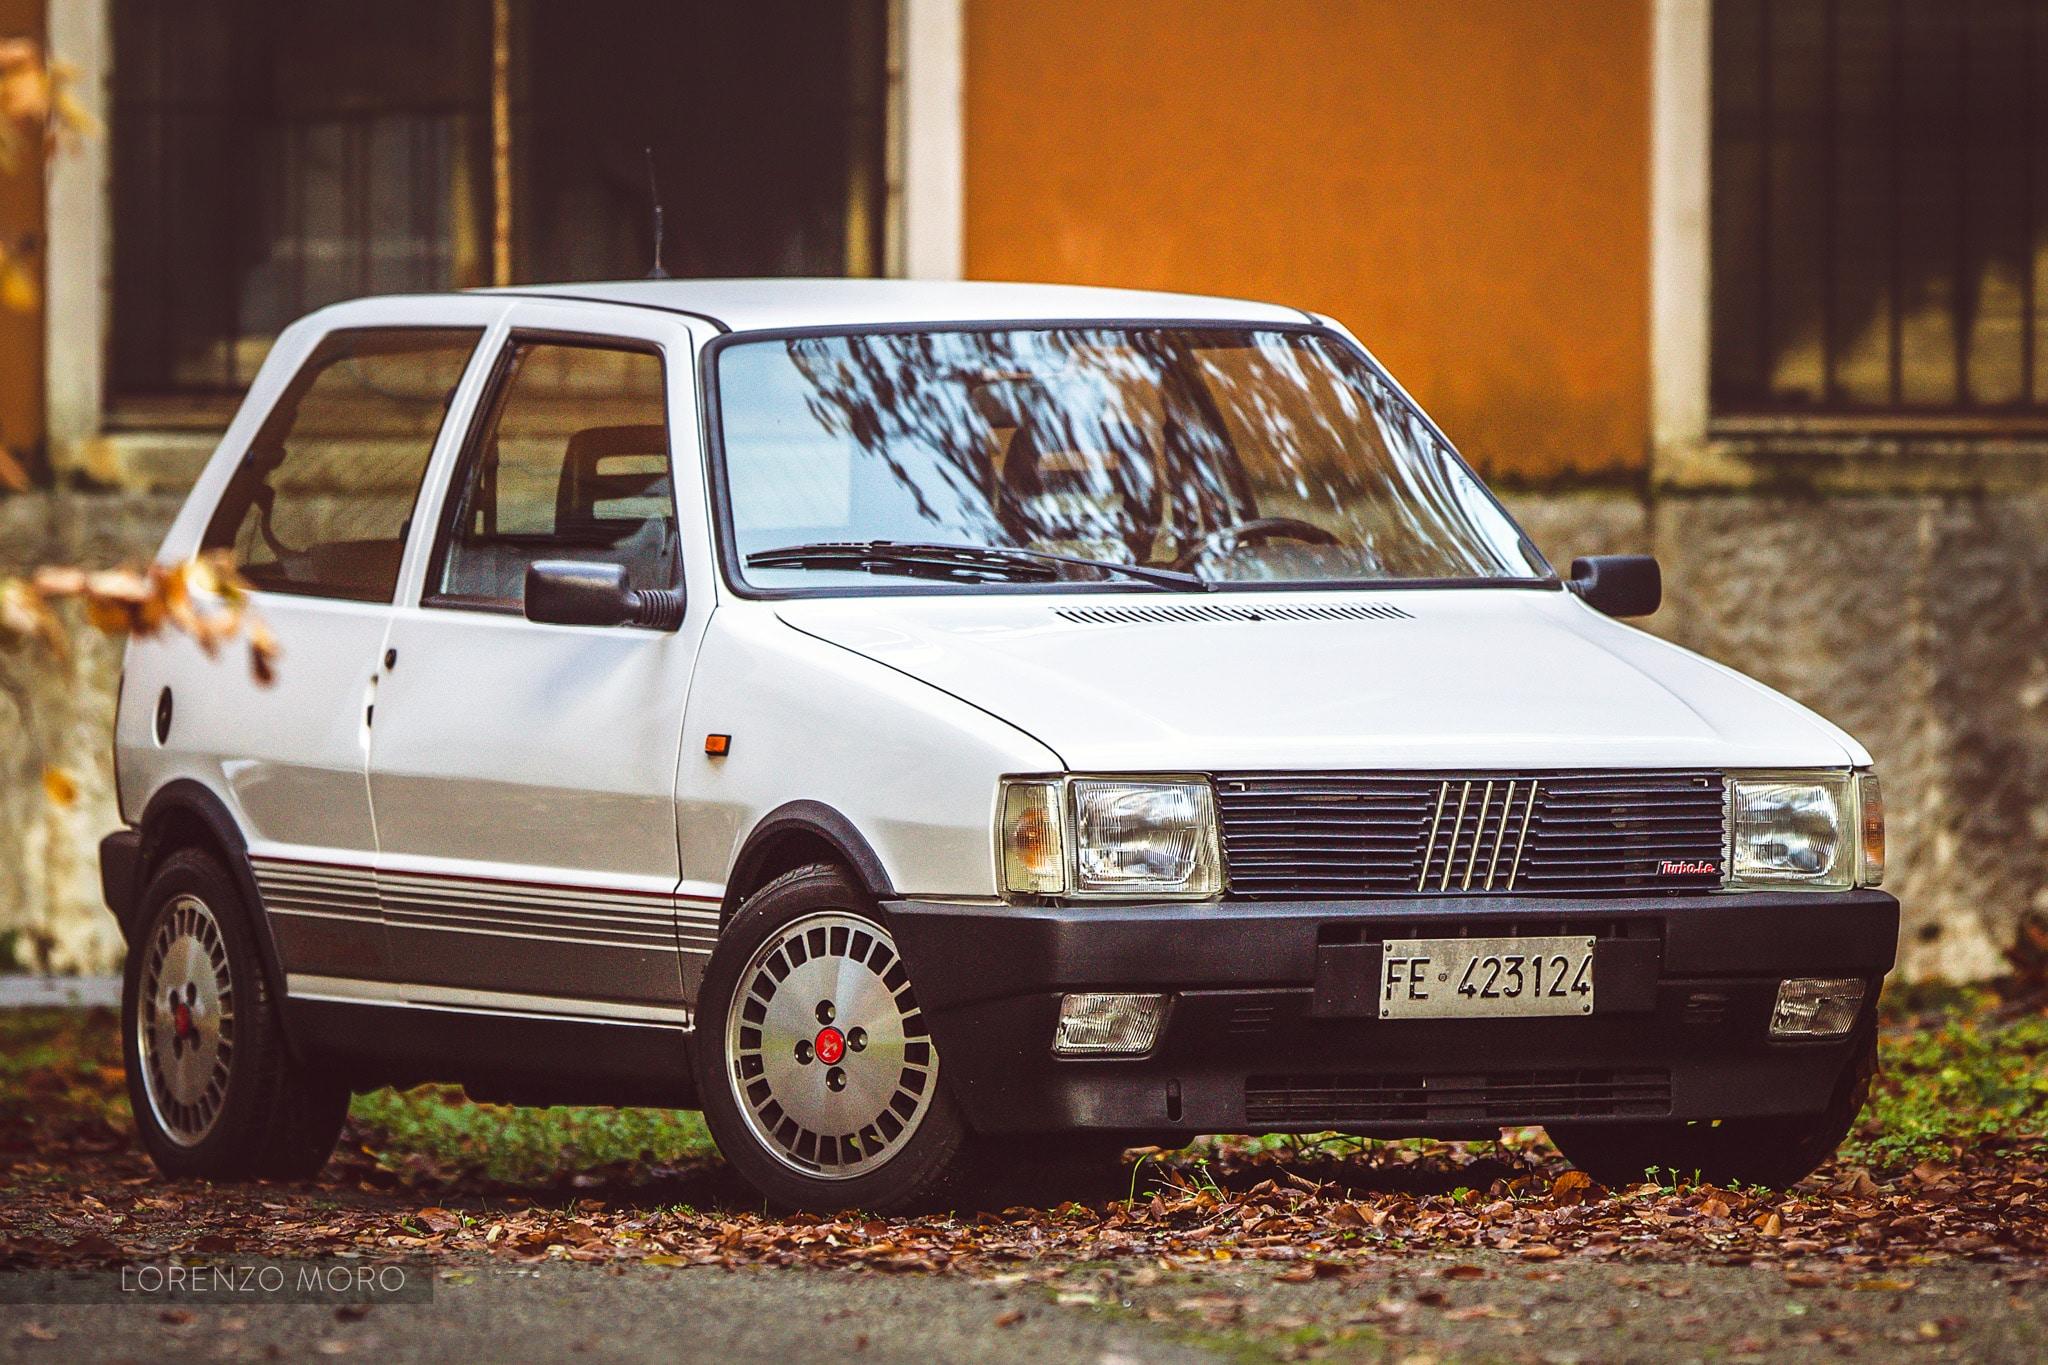 Fiat Uno Turbo I E Quando I Santi Non Bastavano